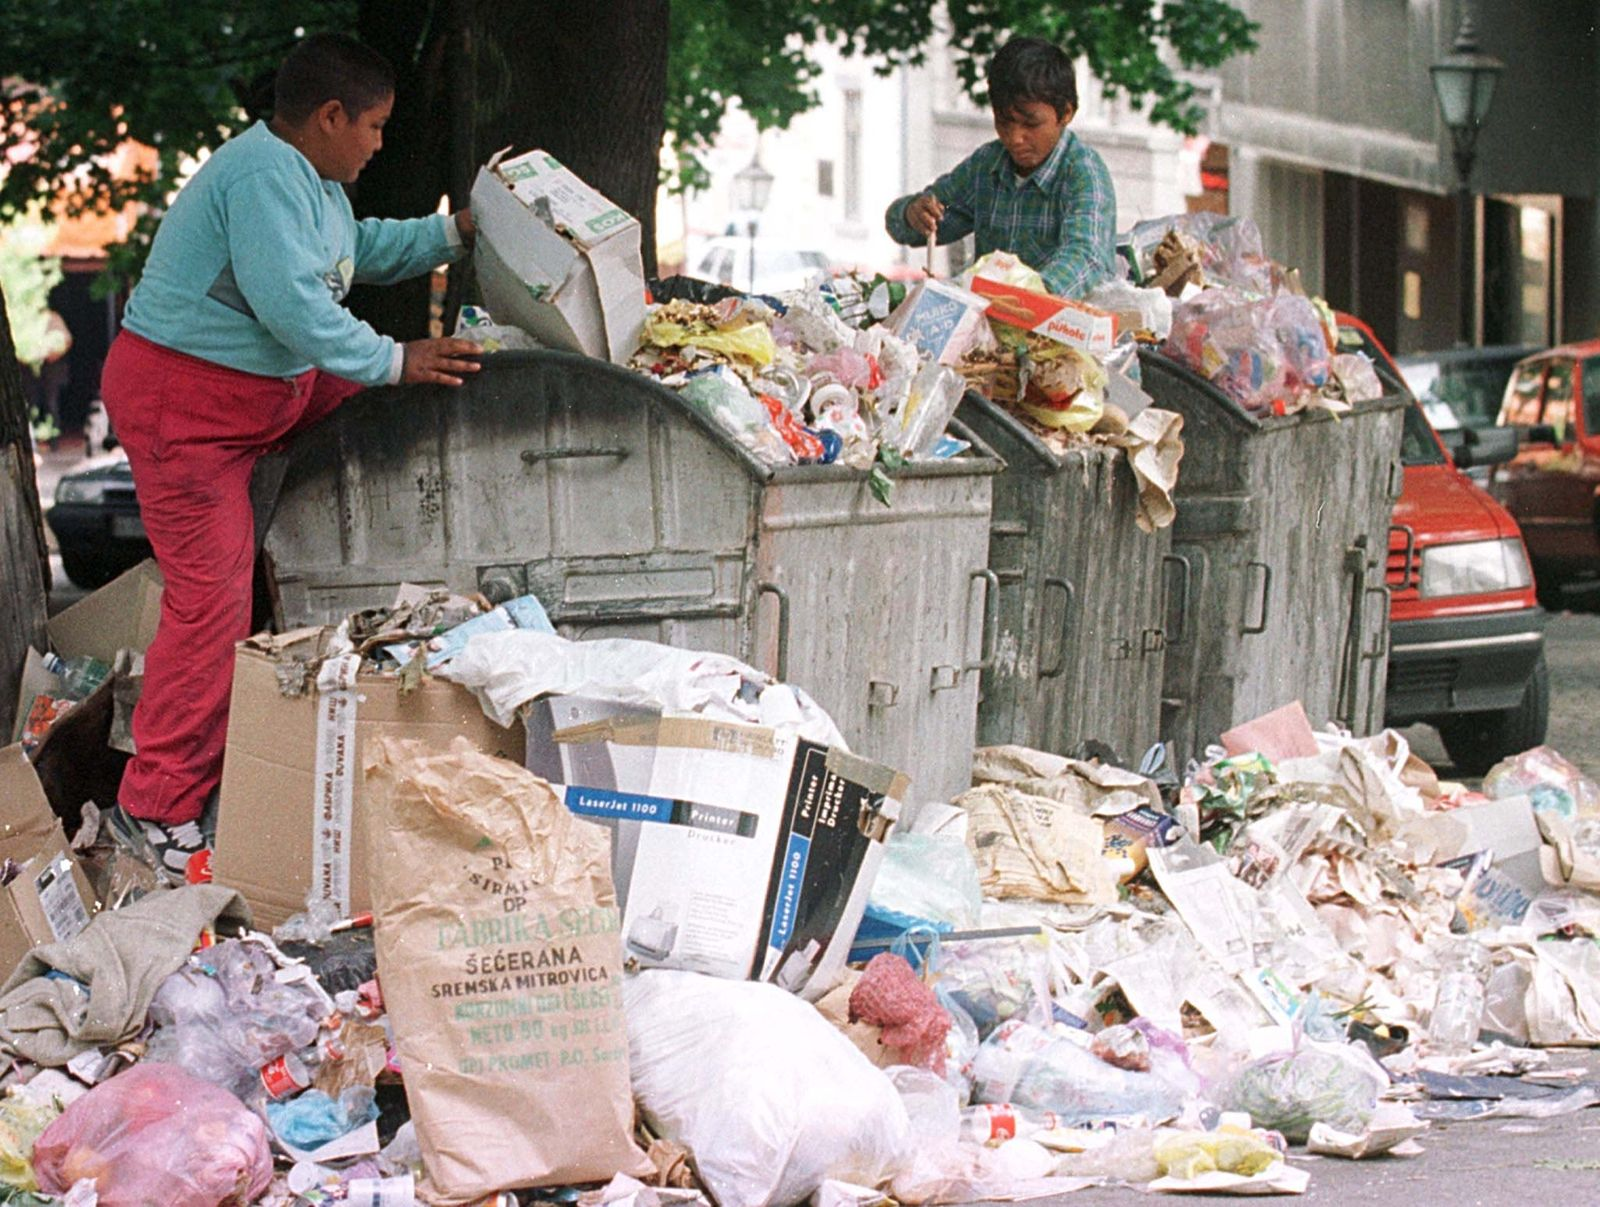 Müll / Belgrad